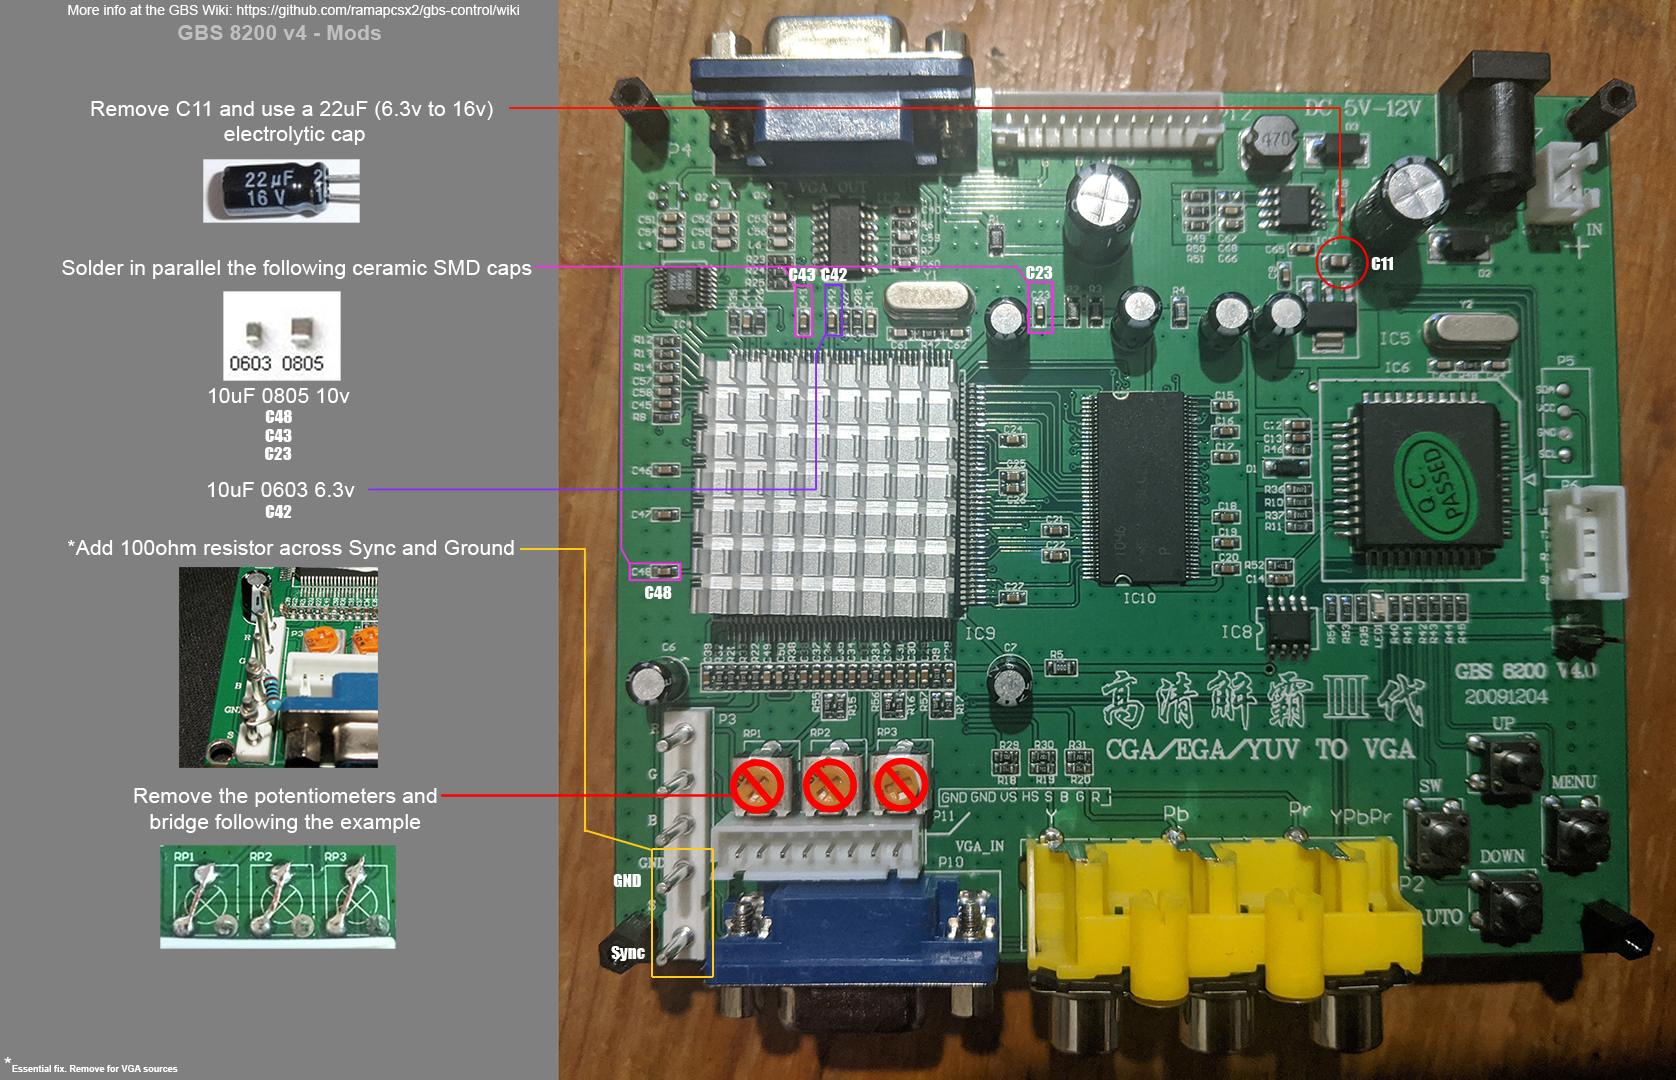 163480-GBS-zusatz-jpg